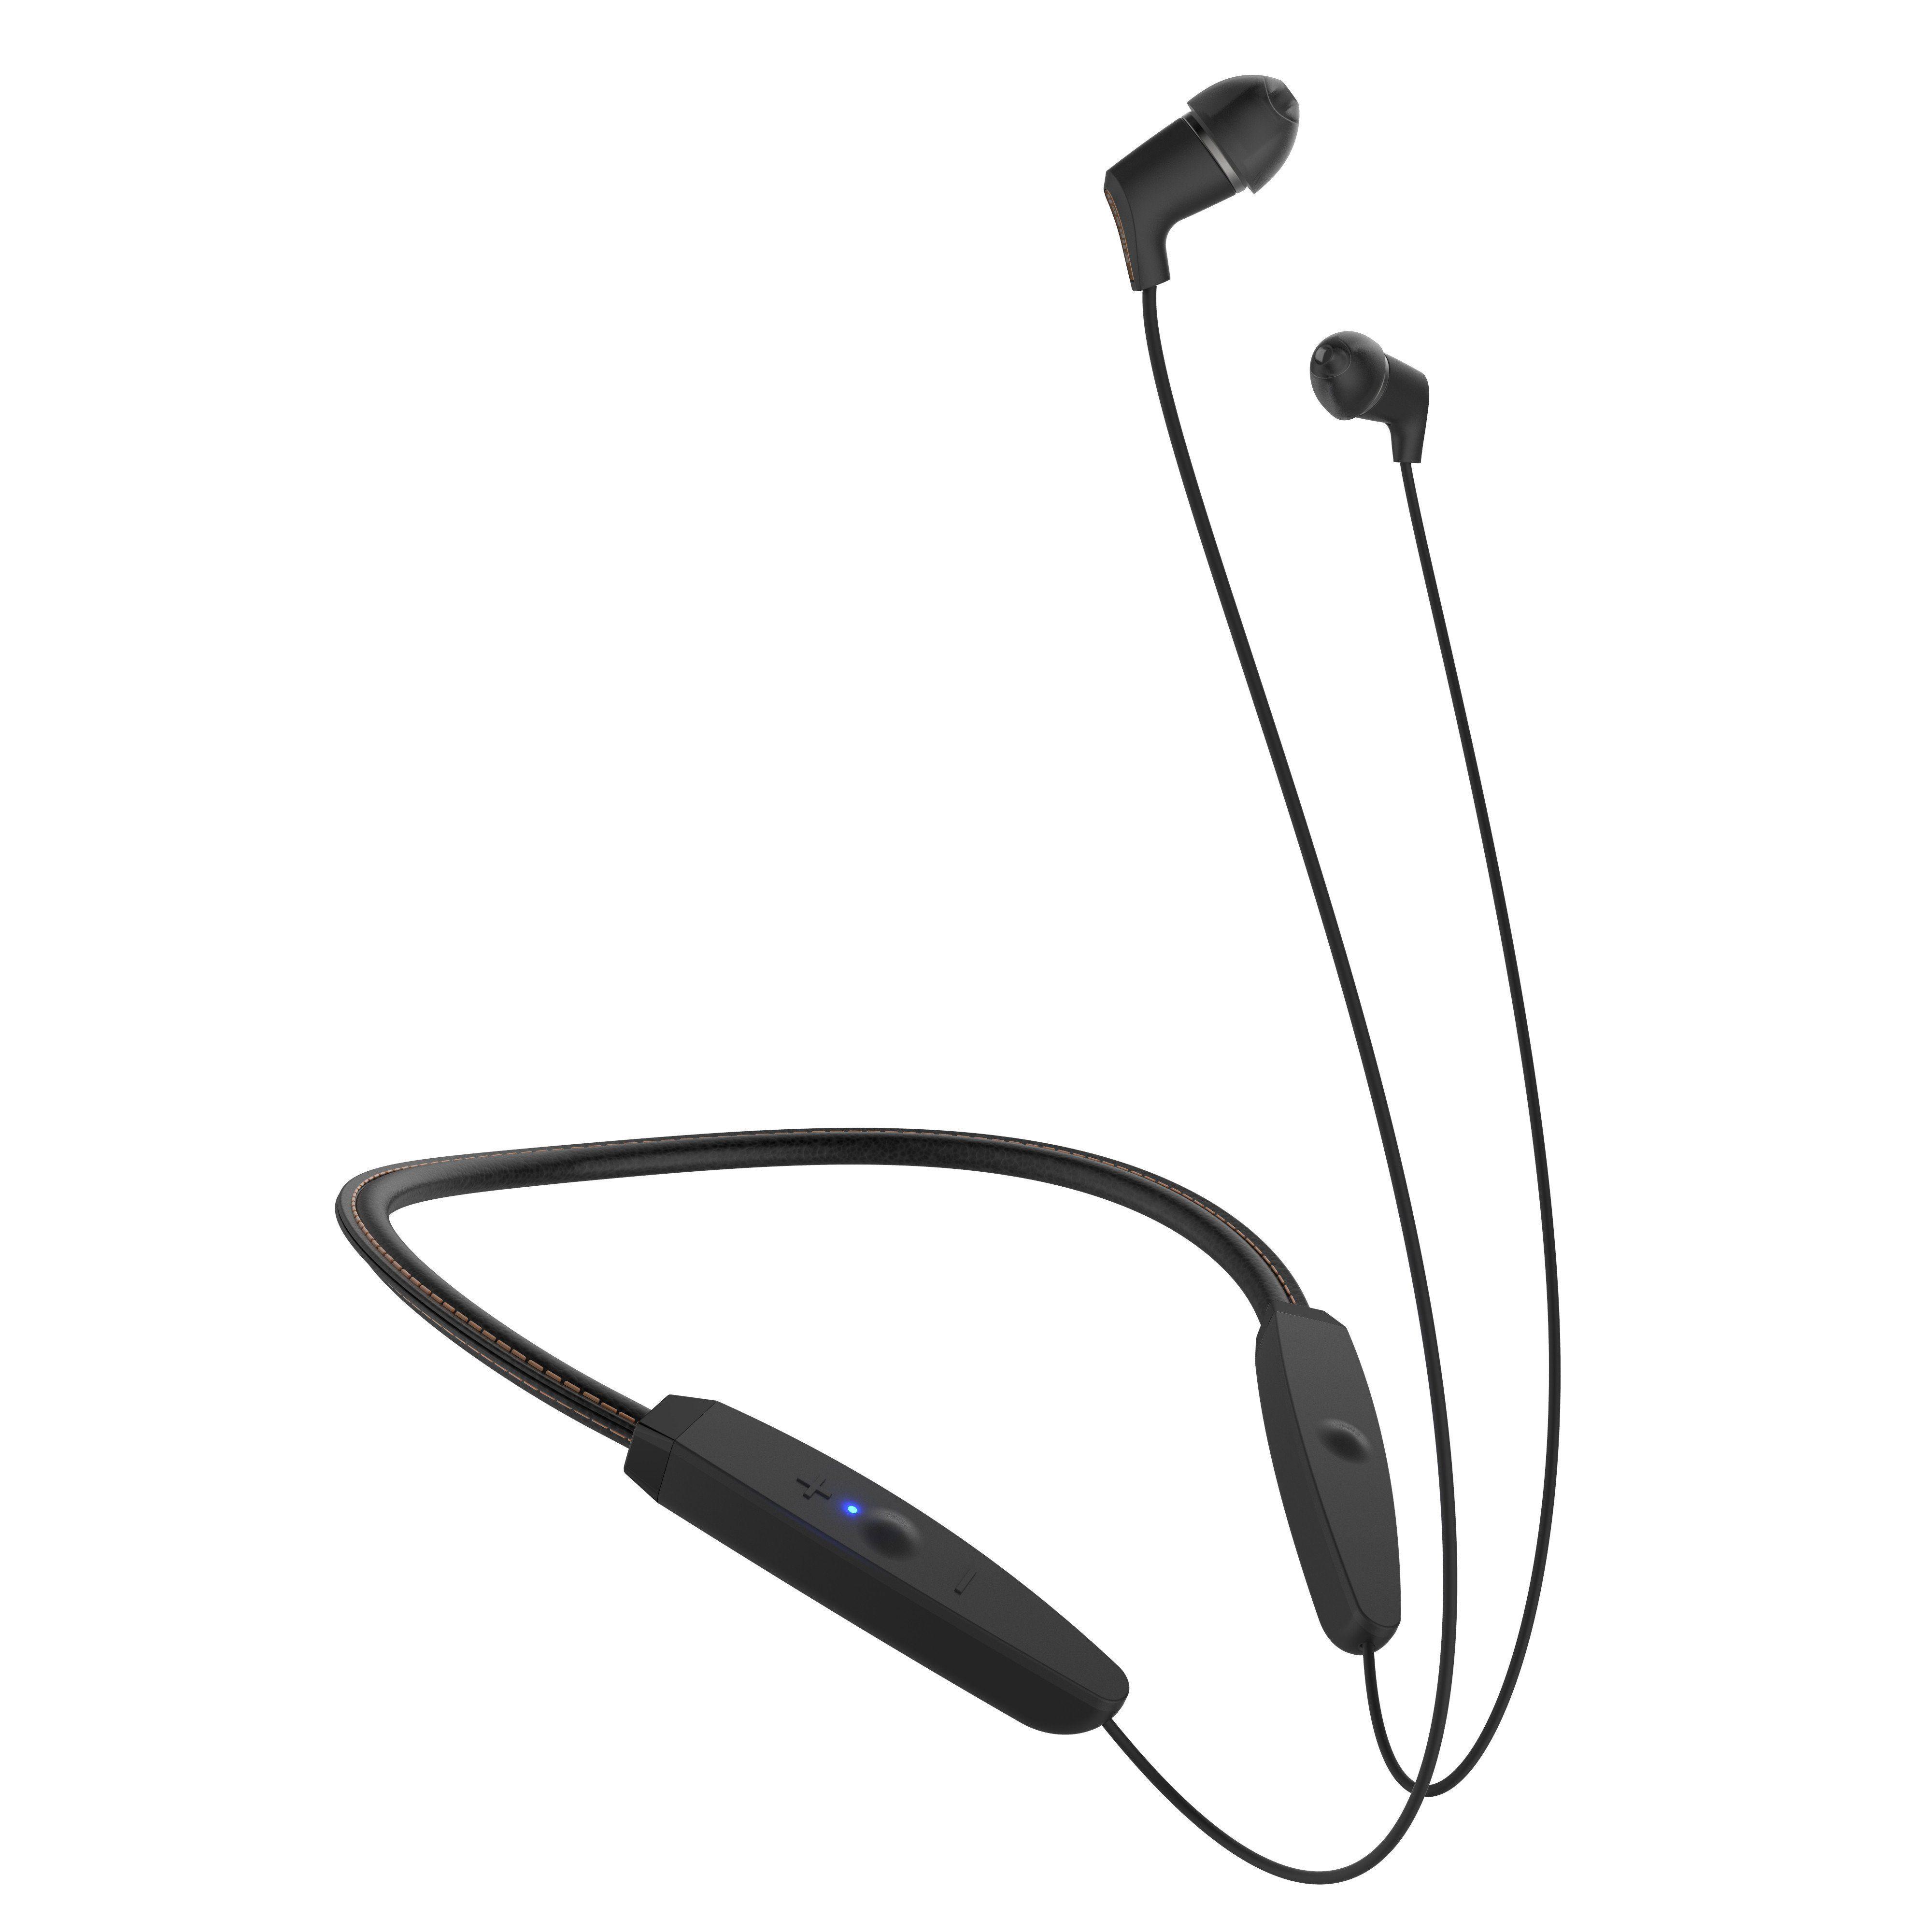 Klipsch R5 Neckband Headphone Neckband Headphones Headphones Wireless In Ear Headphones